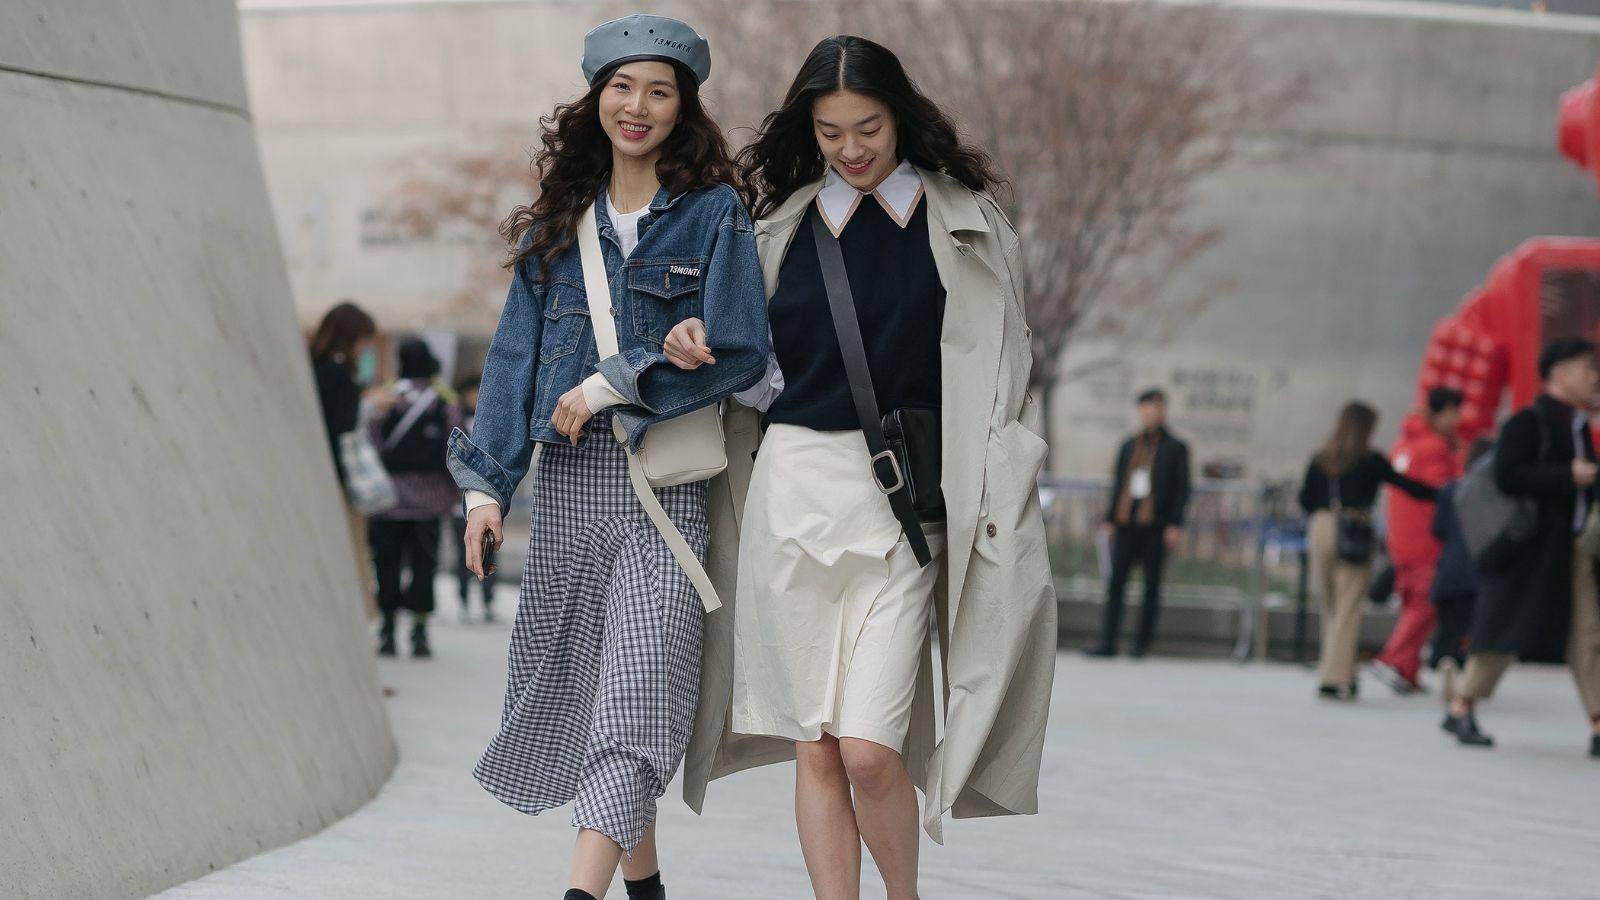 phong cách thời trang- fashionista tuần lễ thời trang seoul